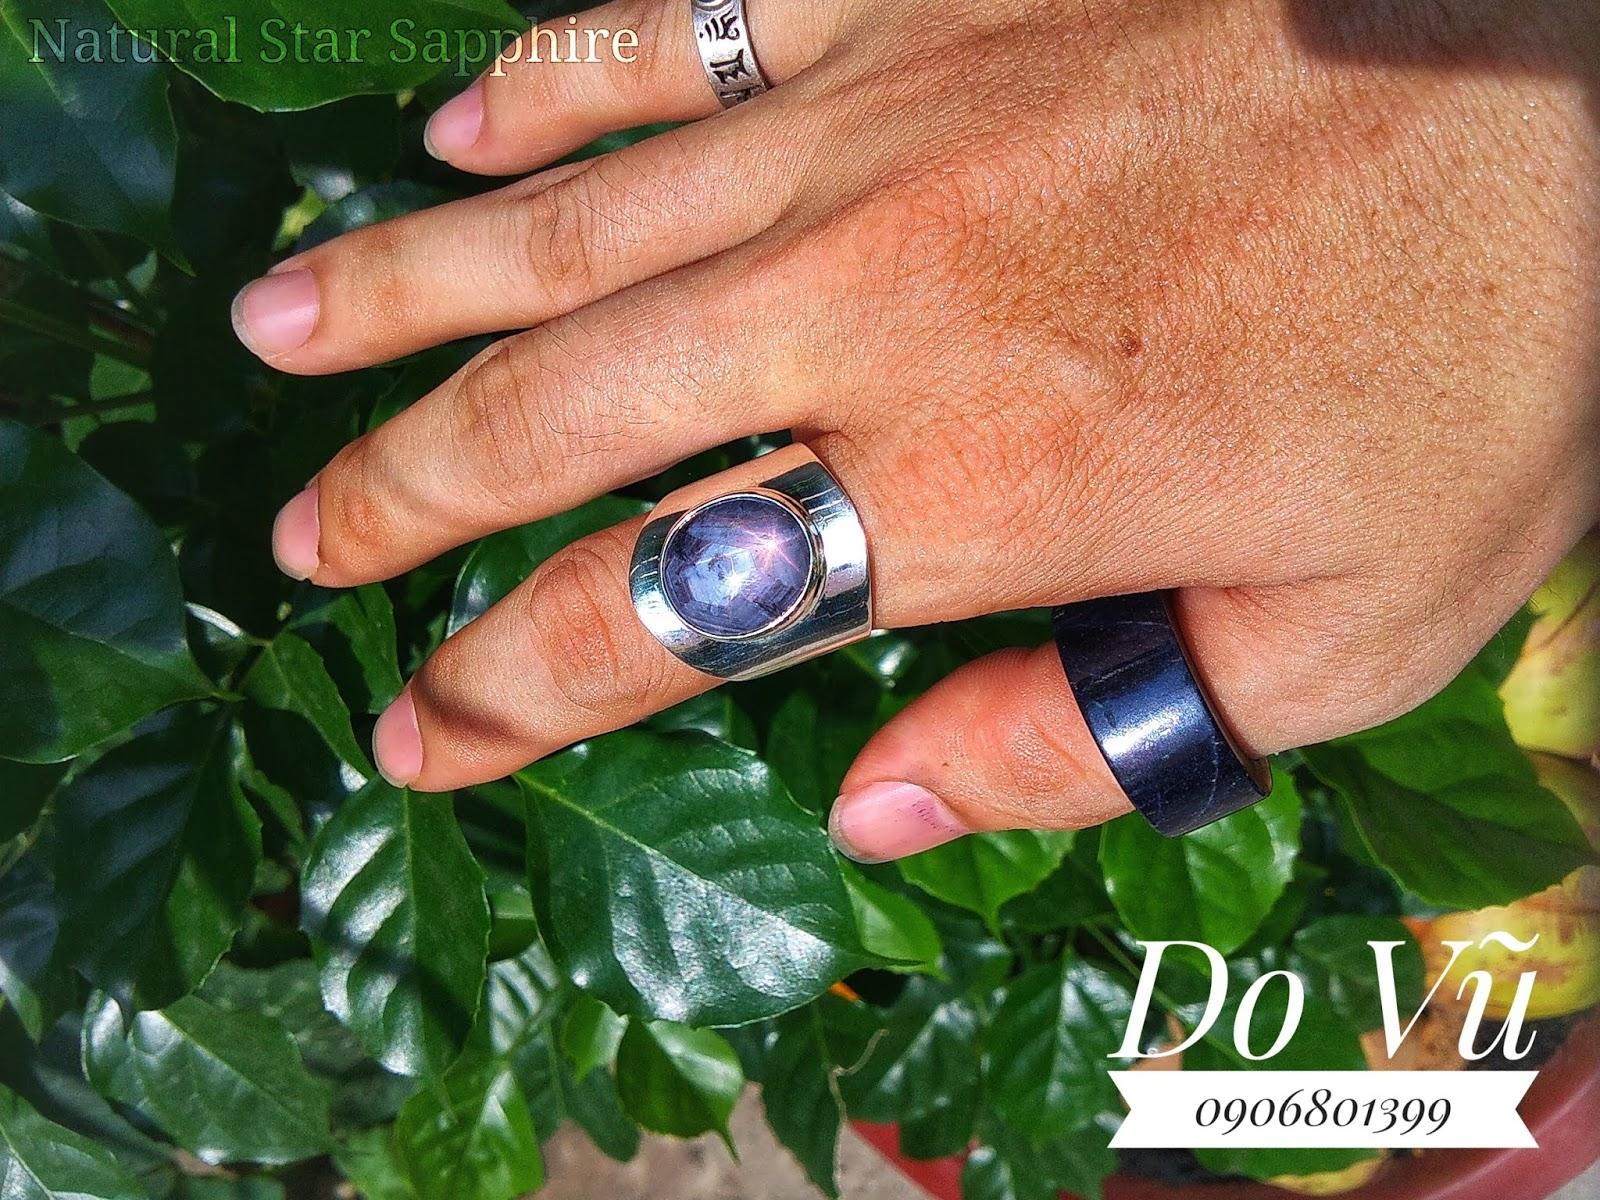 Nhẫn đá quý Sapphire thiên nhiên lên sao đồng freesize